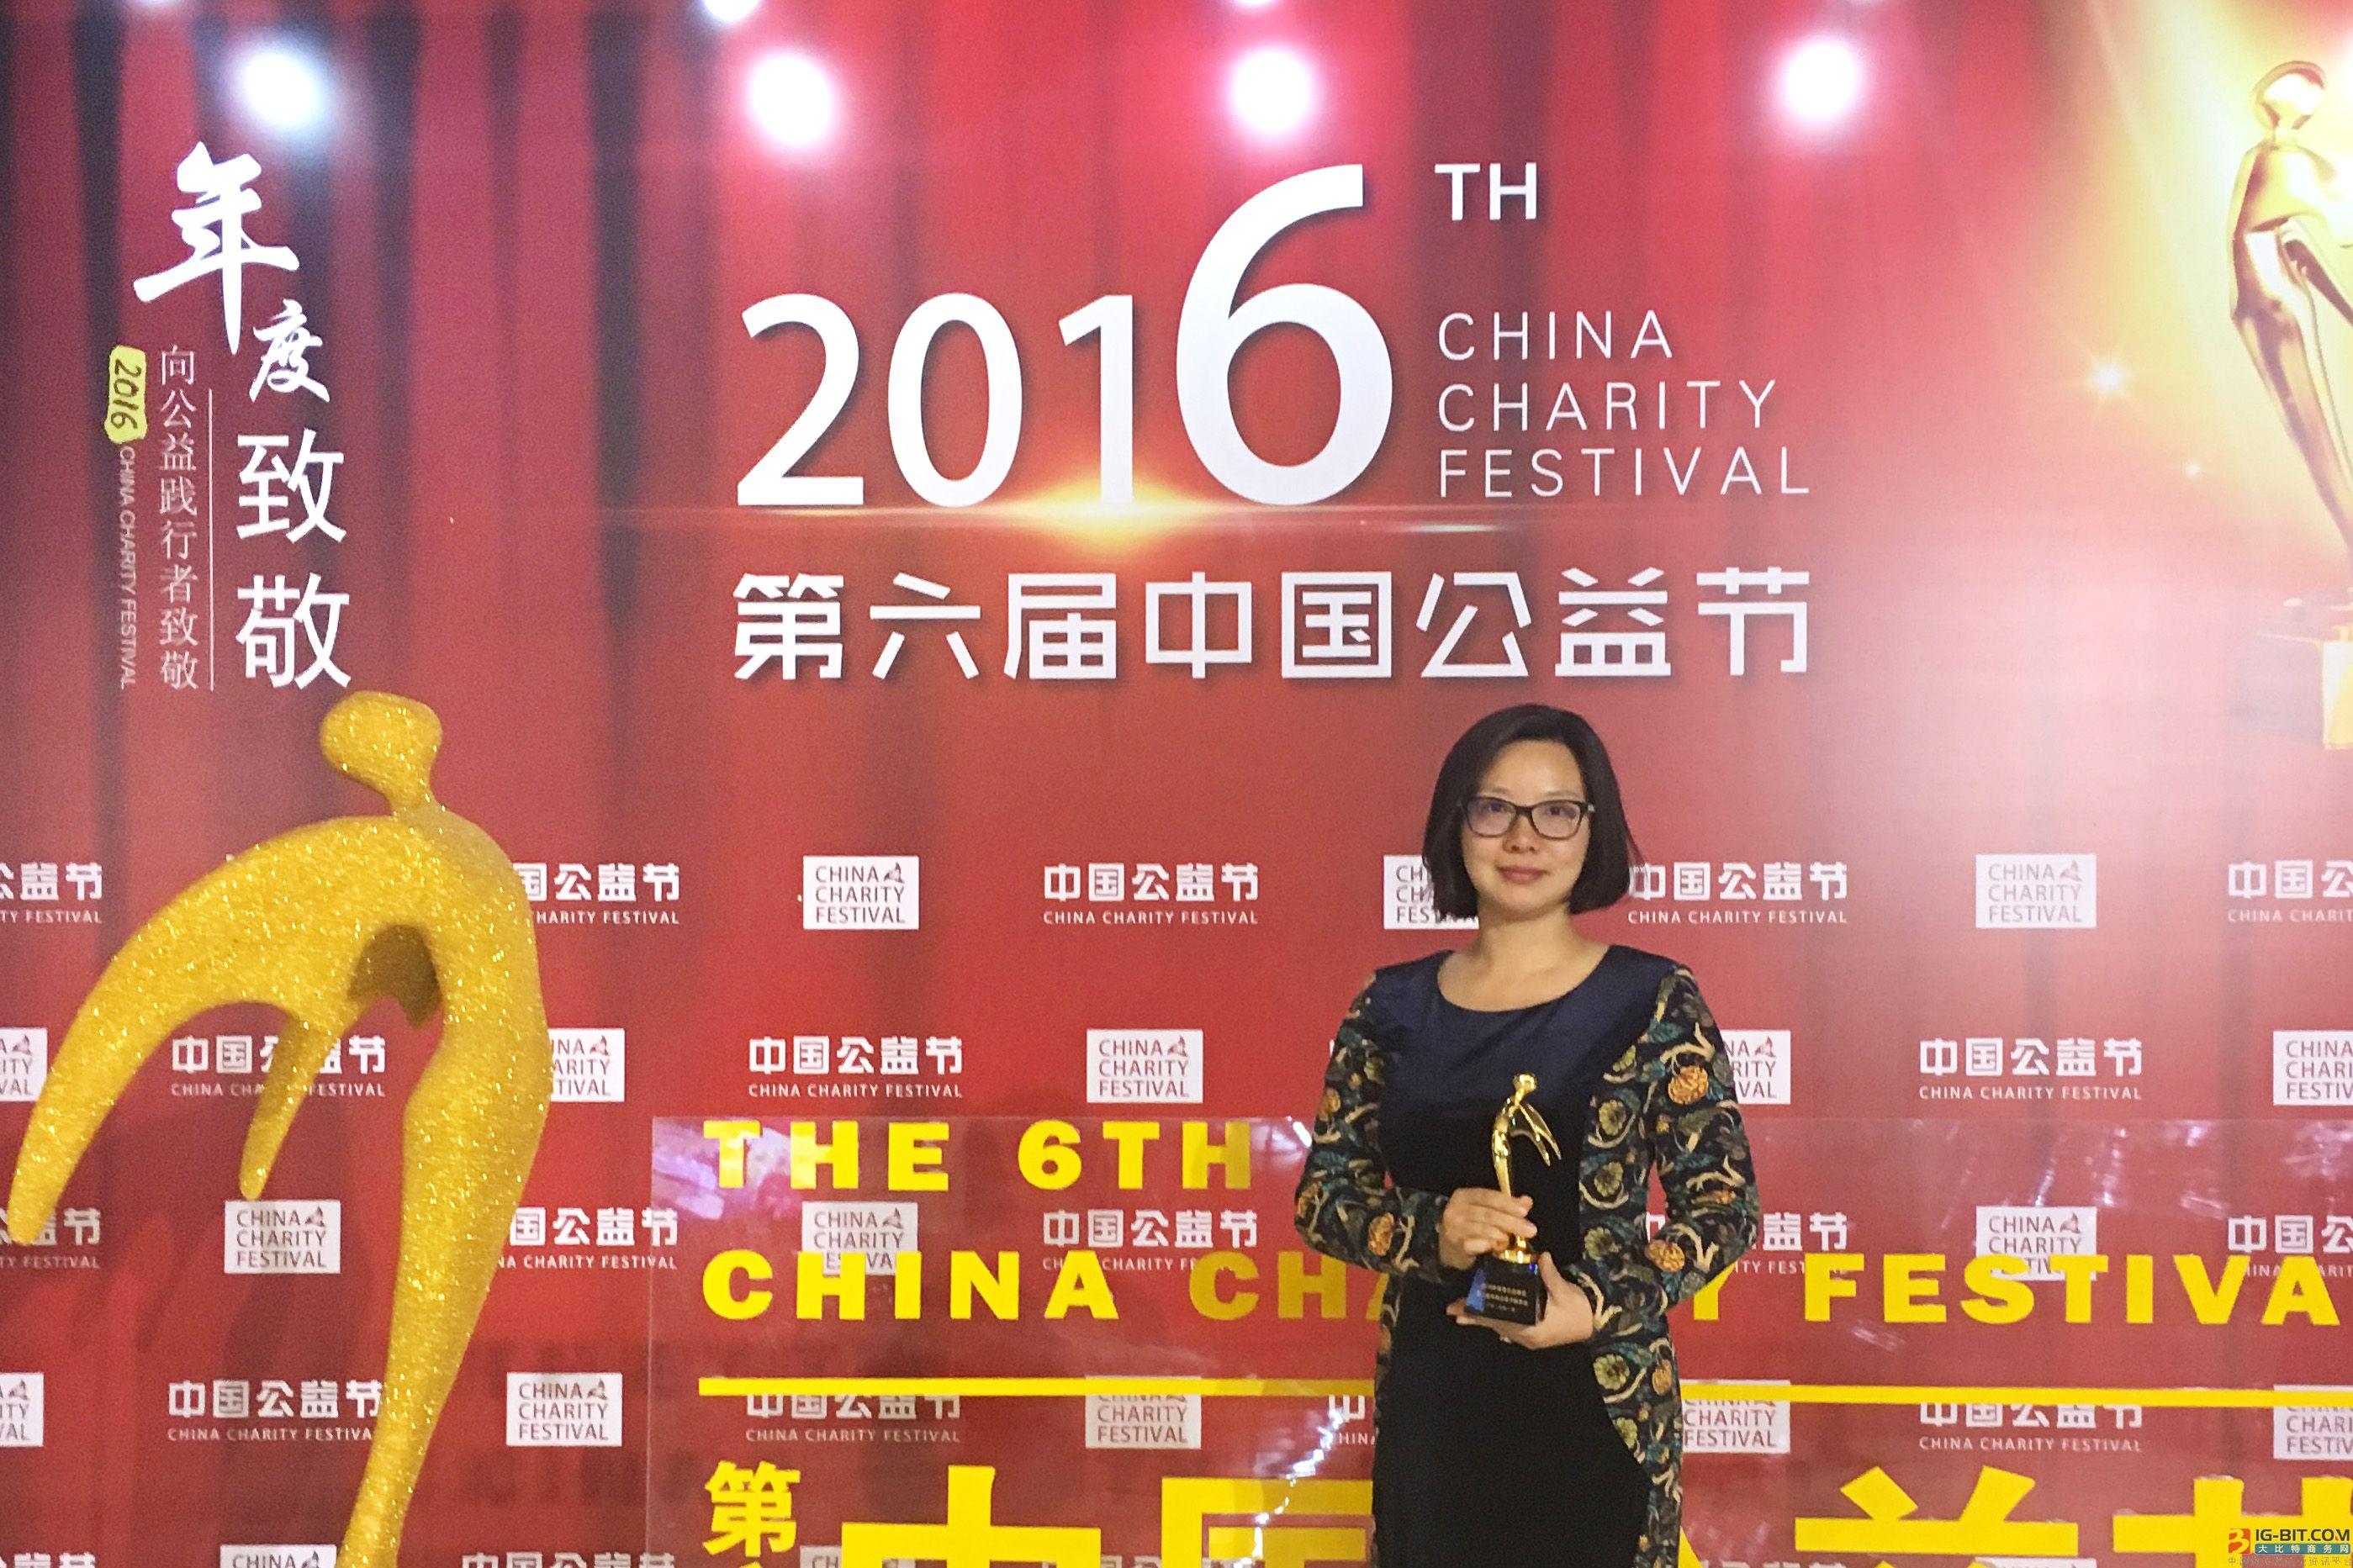 2016中国公益节颁奖典礼